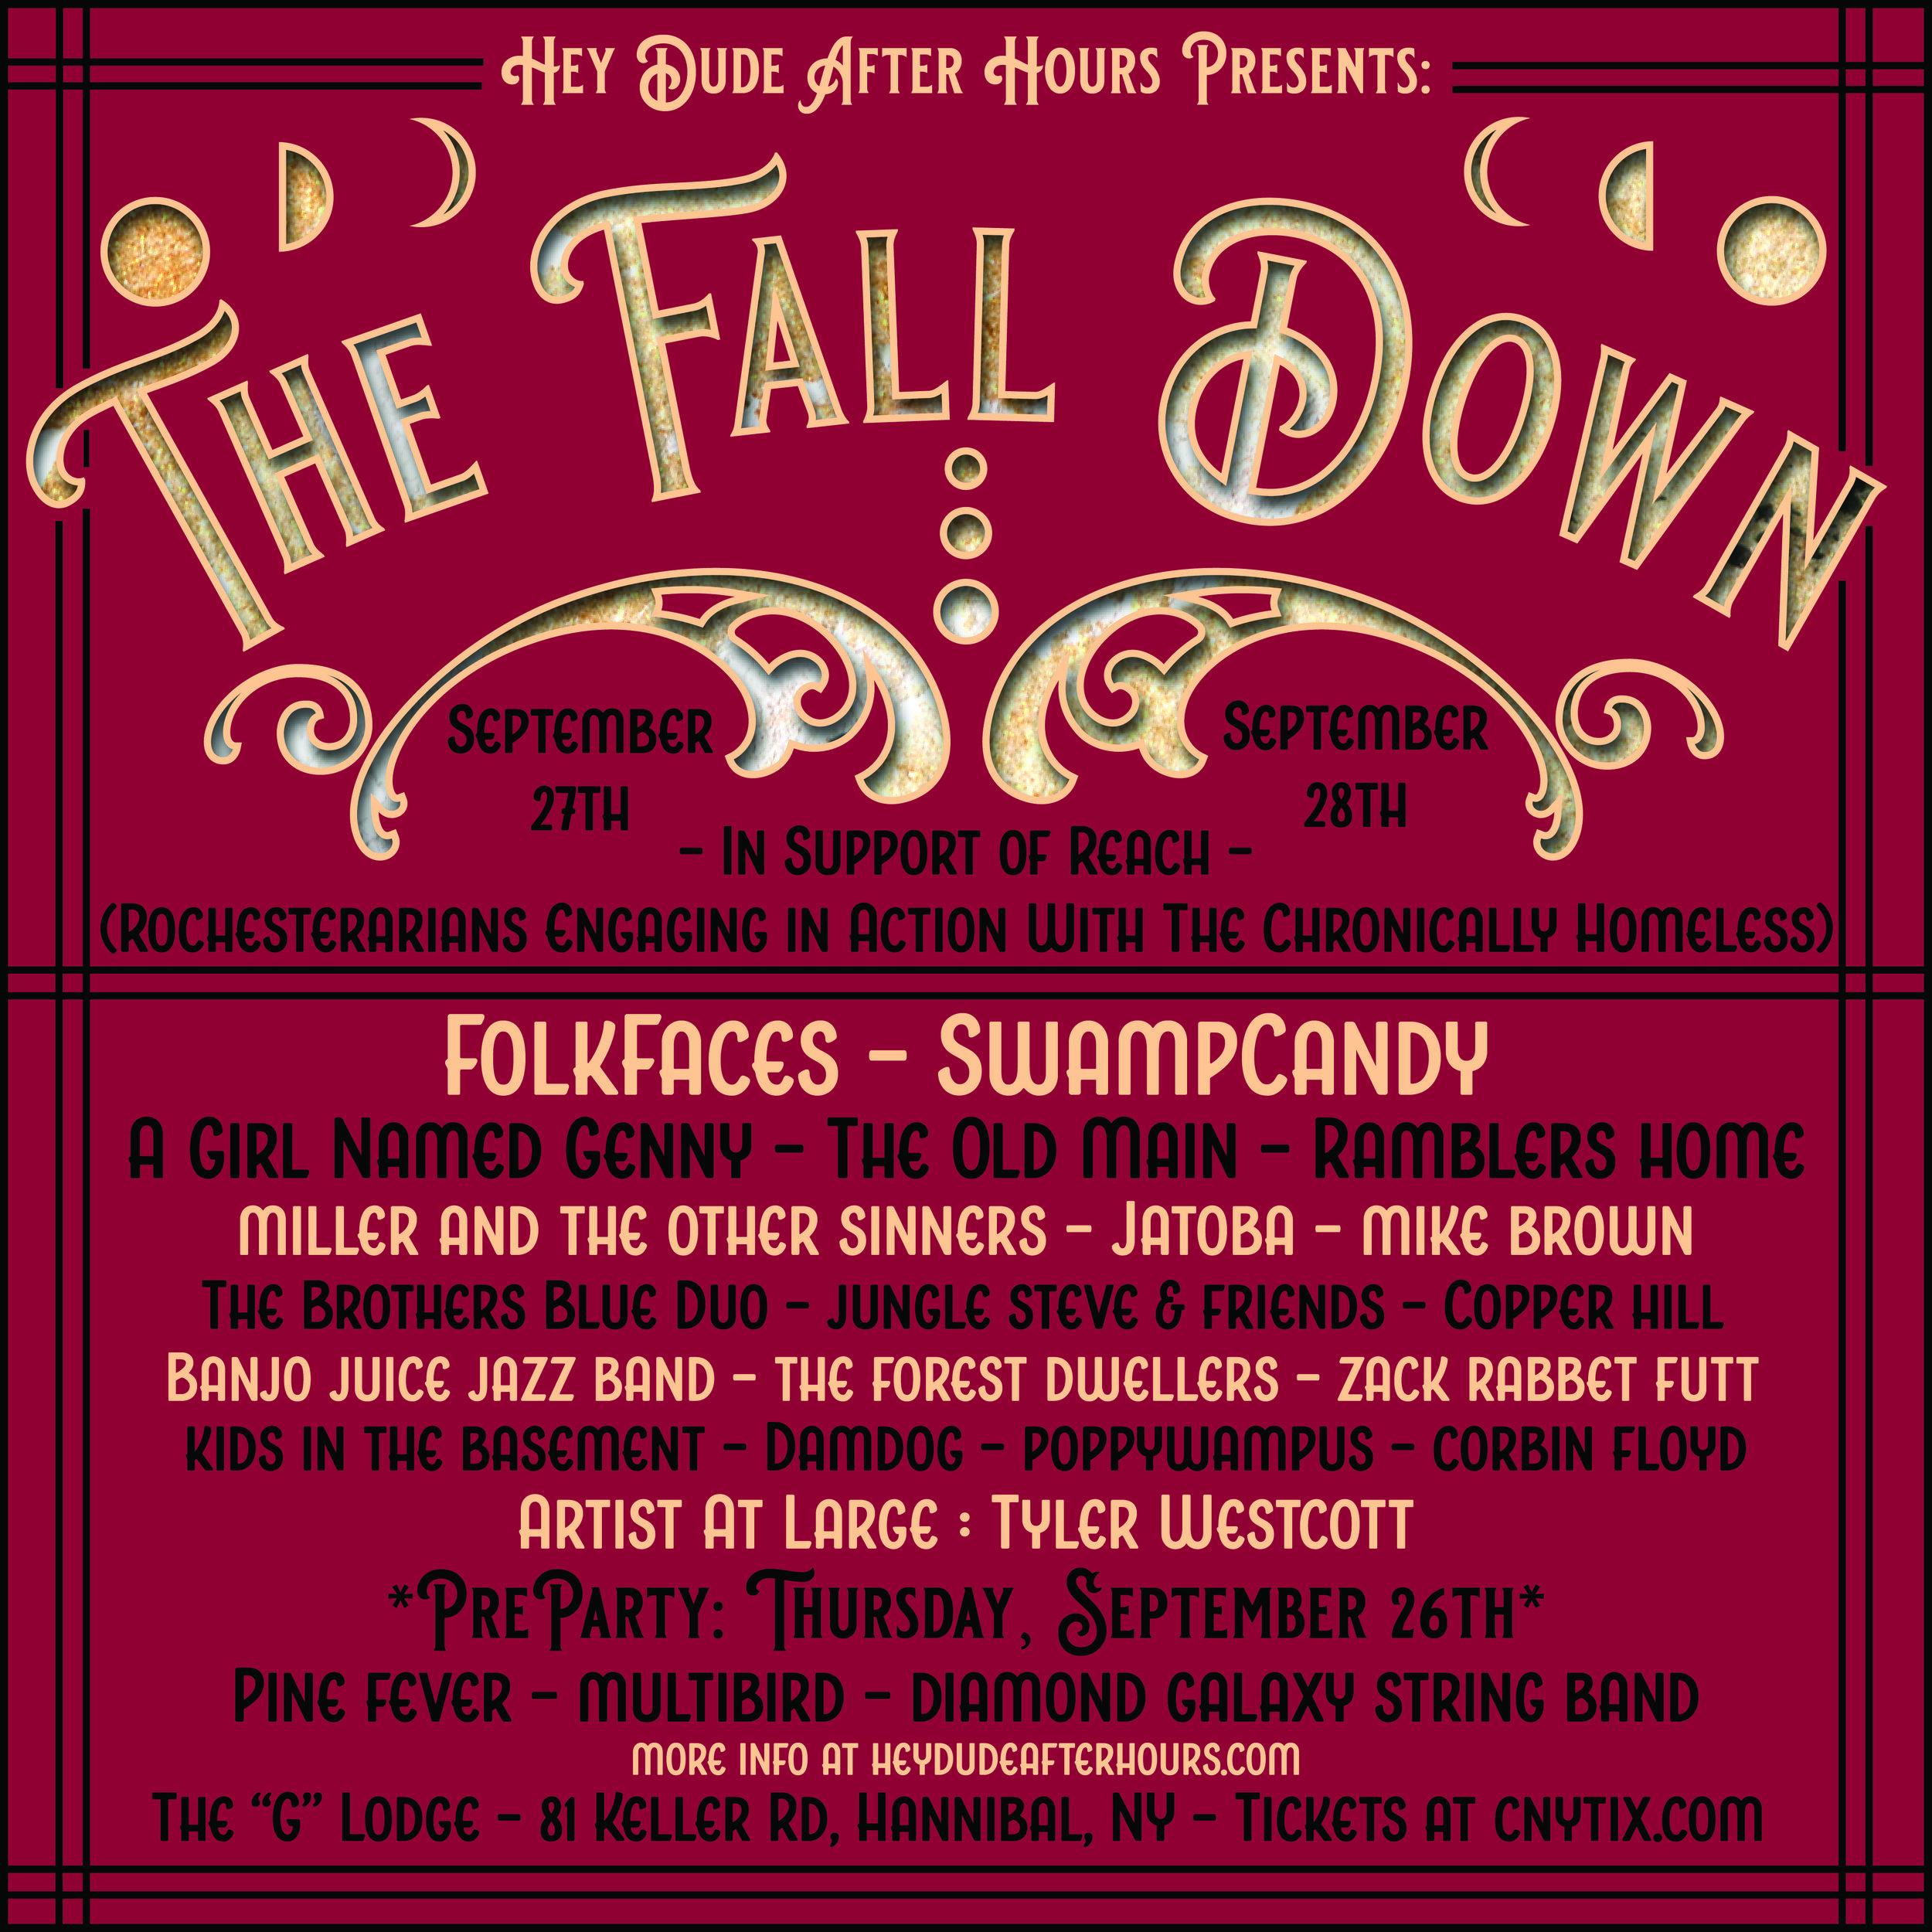 Fall Down Graphic 2a.jpg